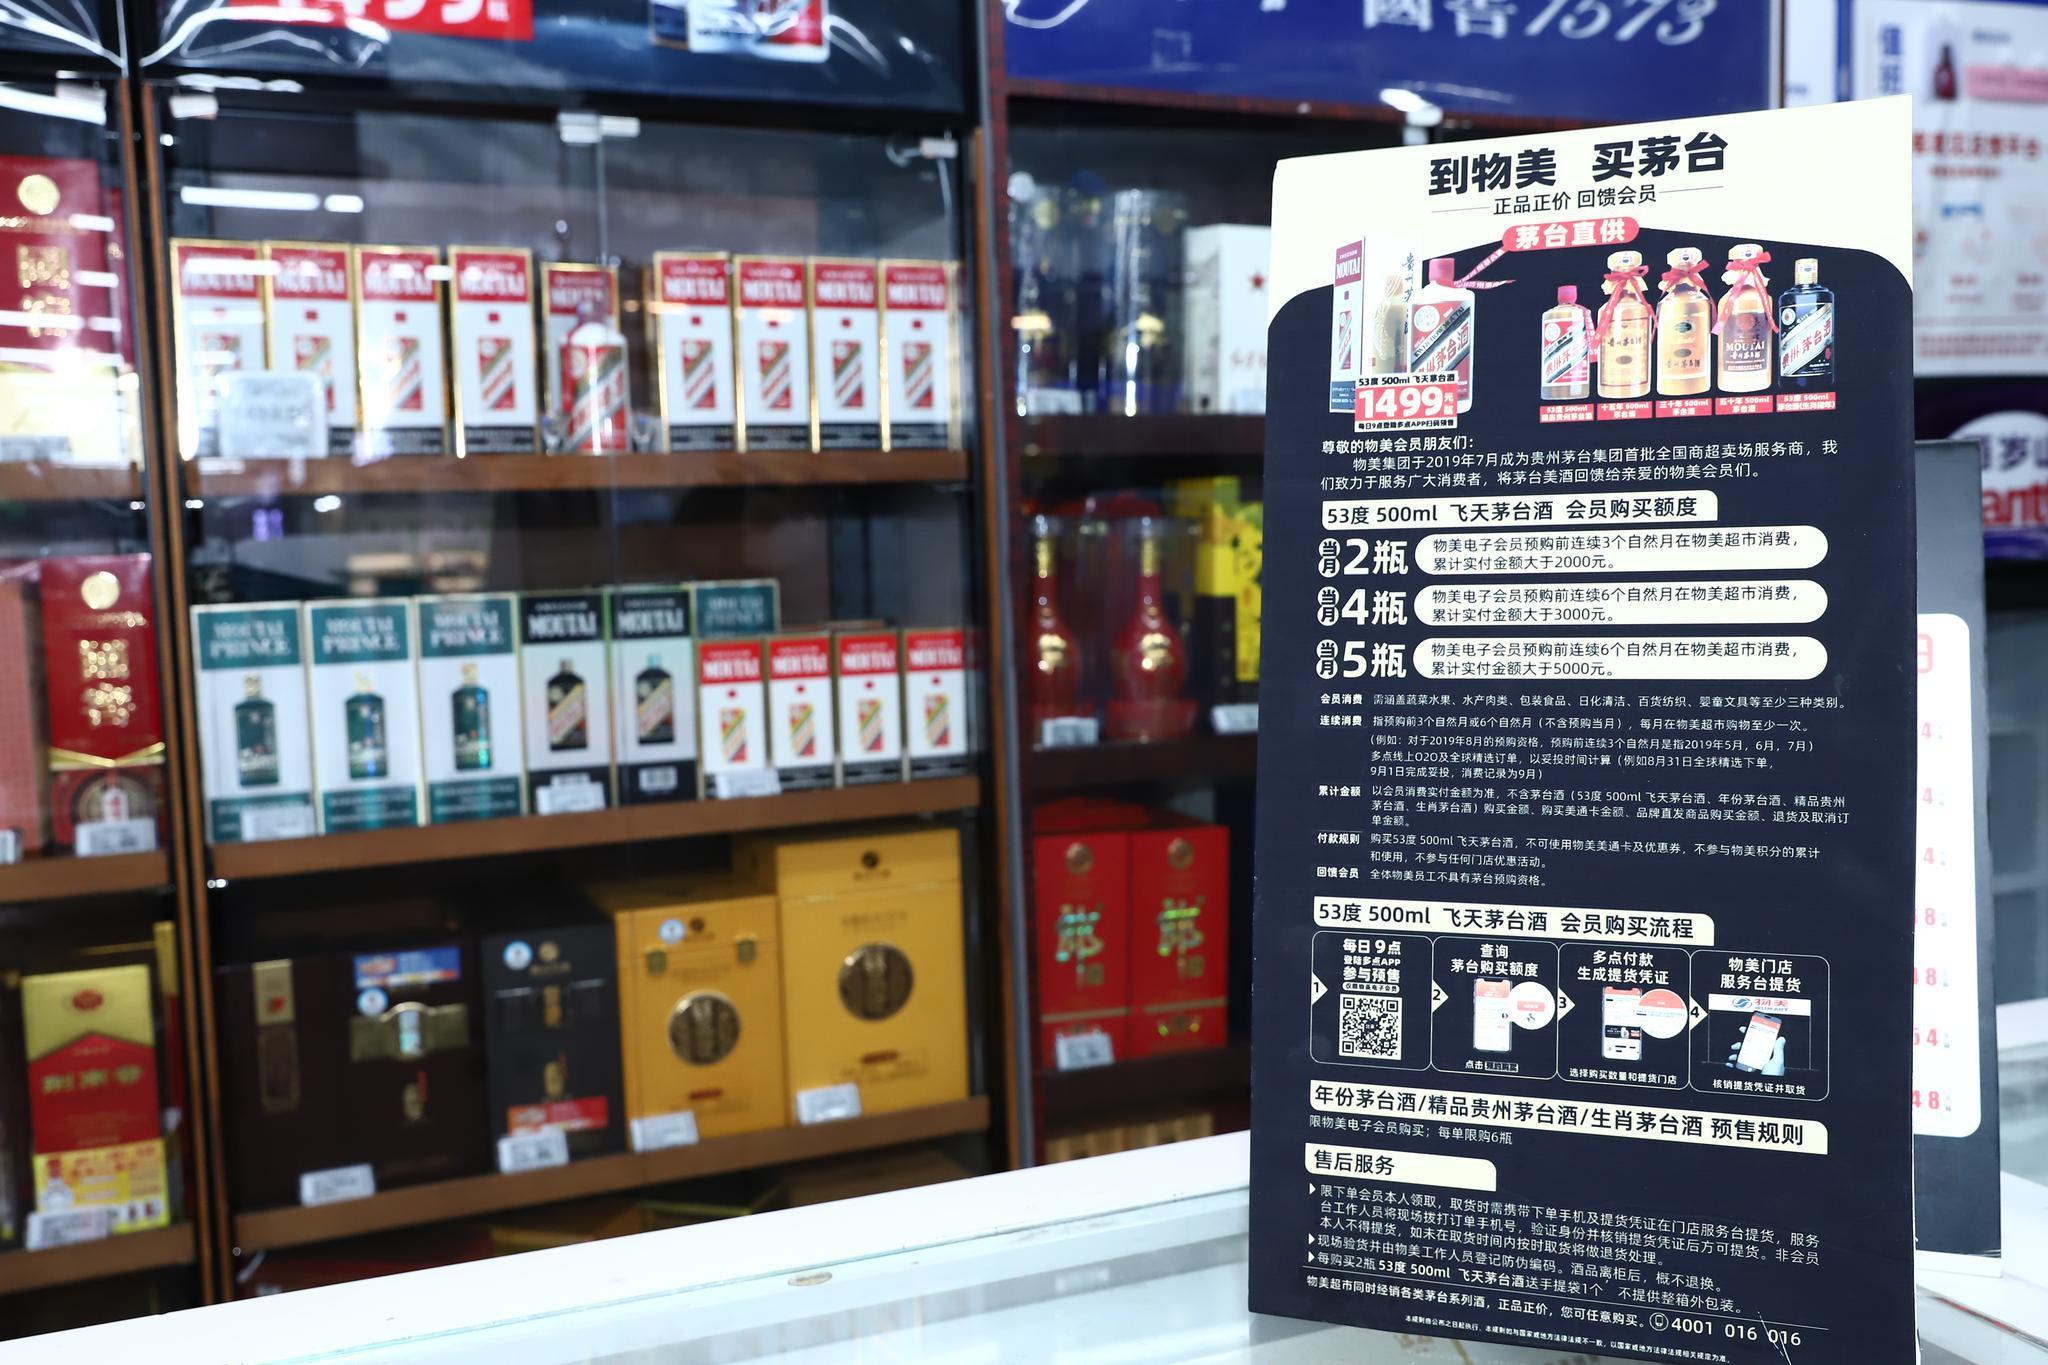 物美北京再投放10万瓶飞天茅台,会员最多可购买2瓶图片